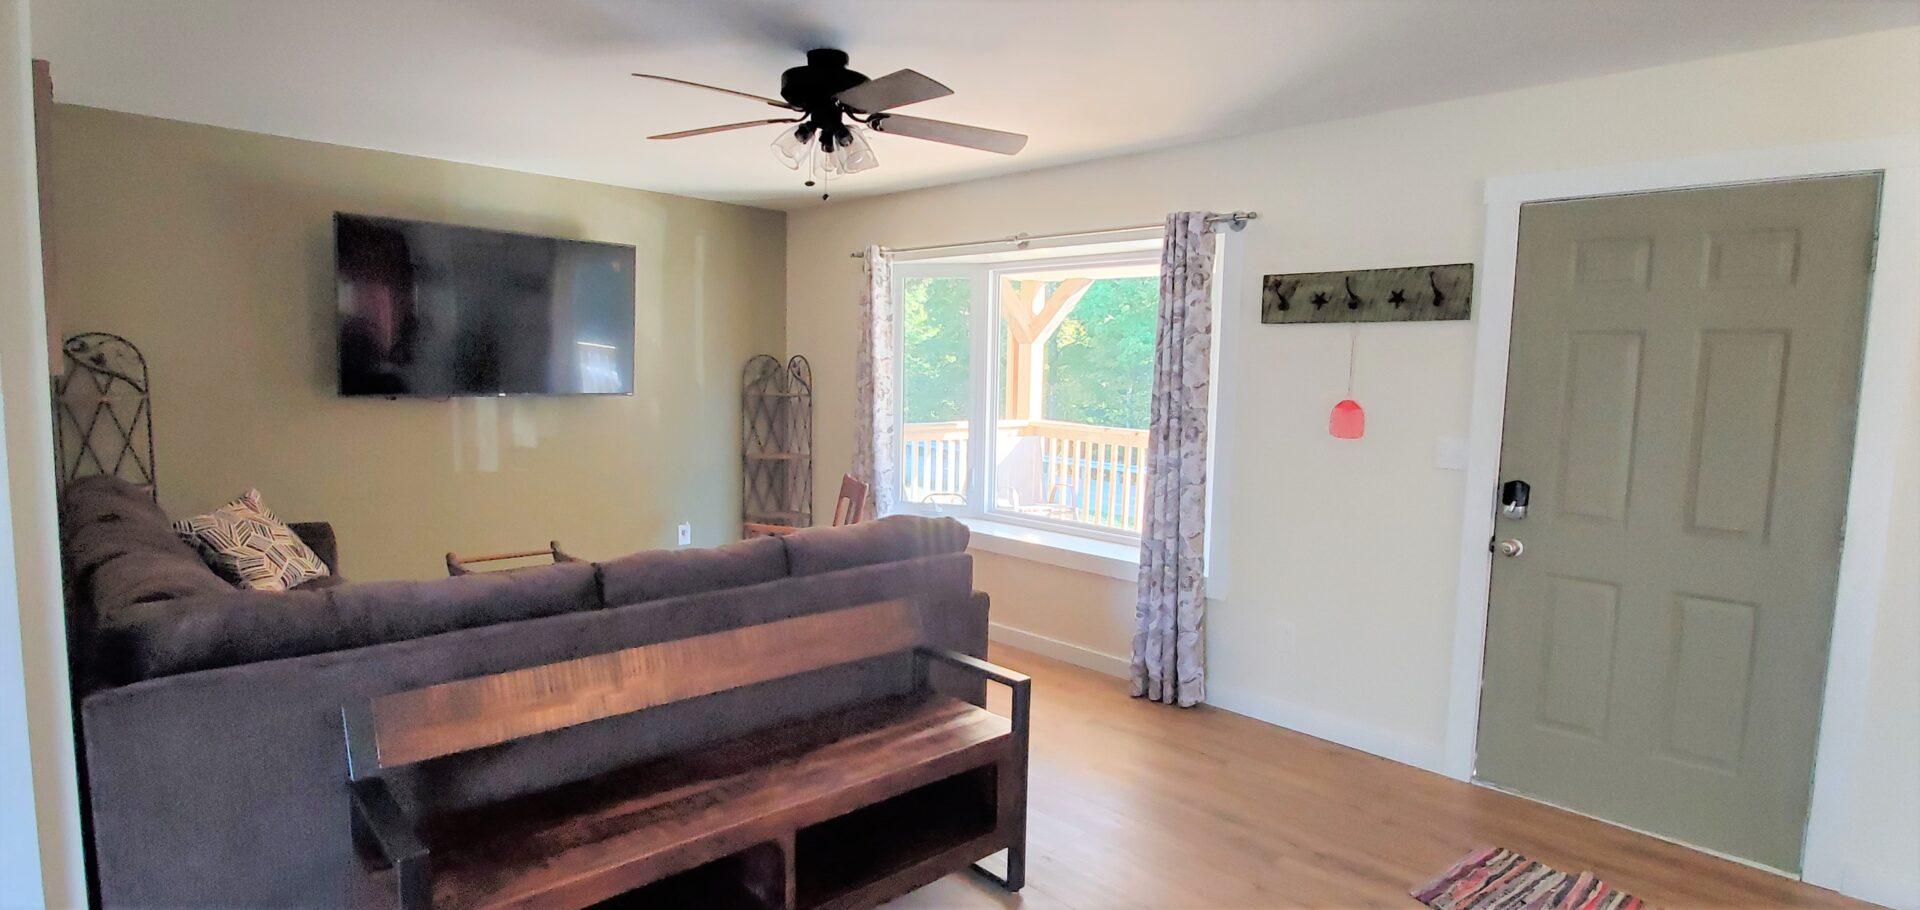 Chestnut Living Room